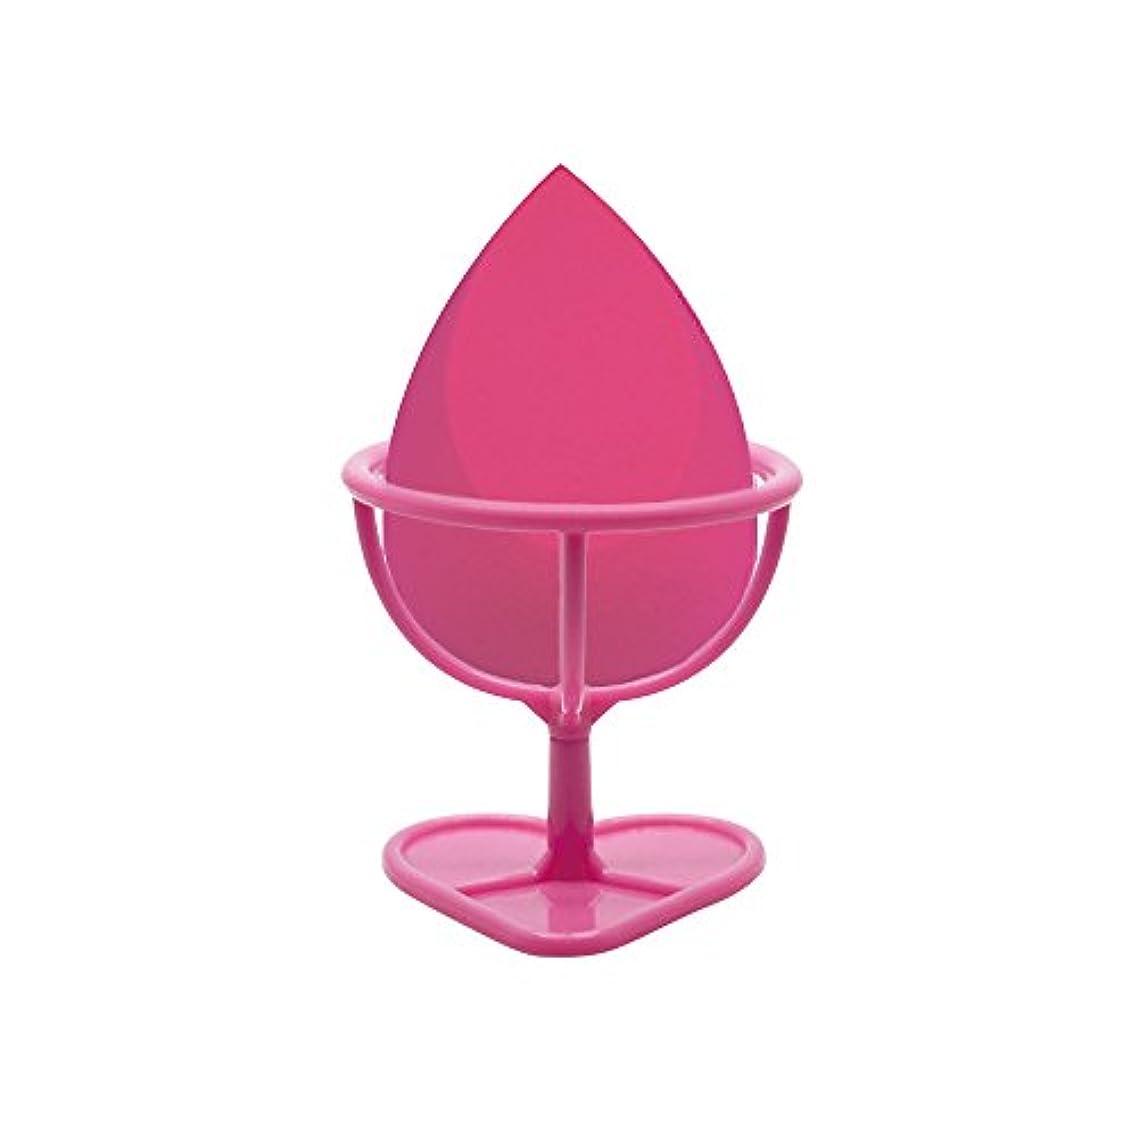 離婚公平検証Heybeauty メイクスポンジ 斜めカット?卵型 化粧パフ ボックス付き パフ乾燥用スタンド付き ローズレッド